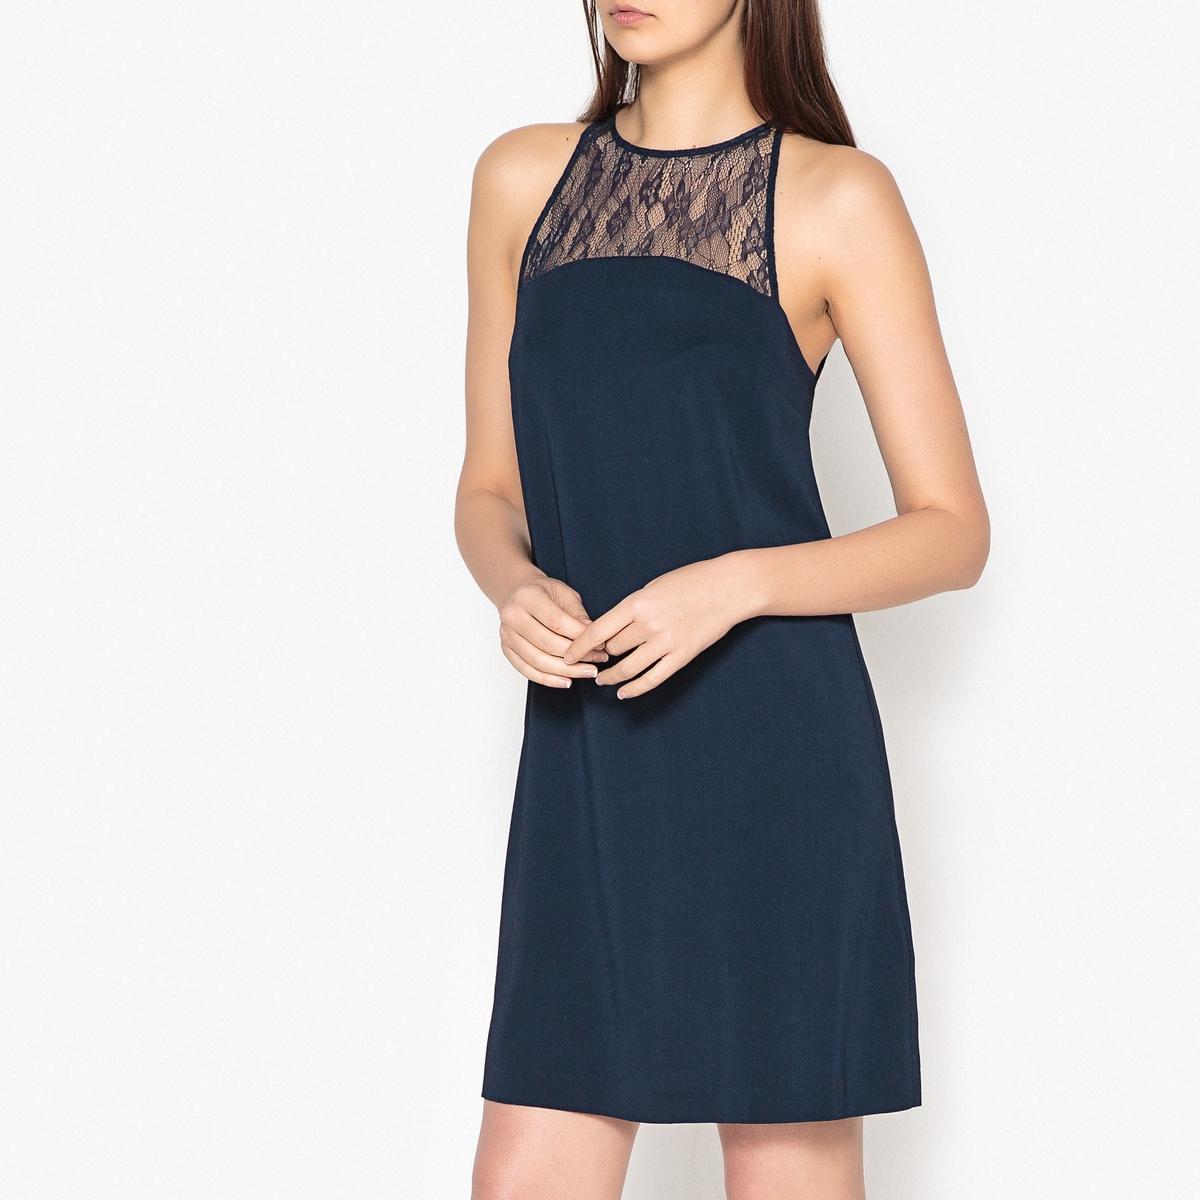 Платье короткое кружевное без рукавов BINA платье без рукавов с кружевной вставкой на спинке